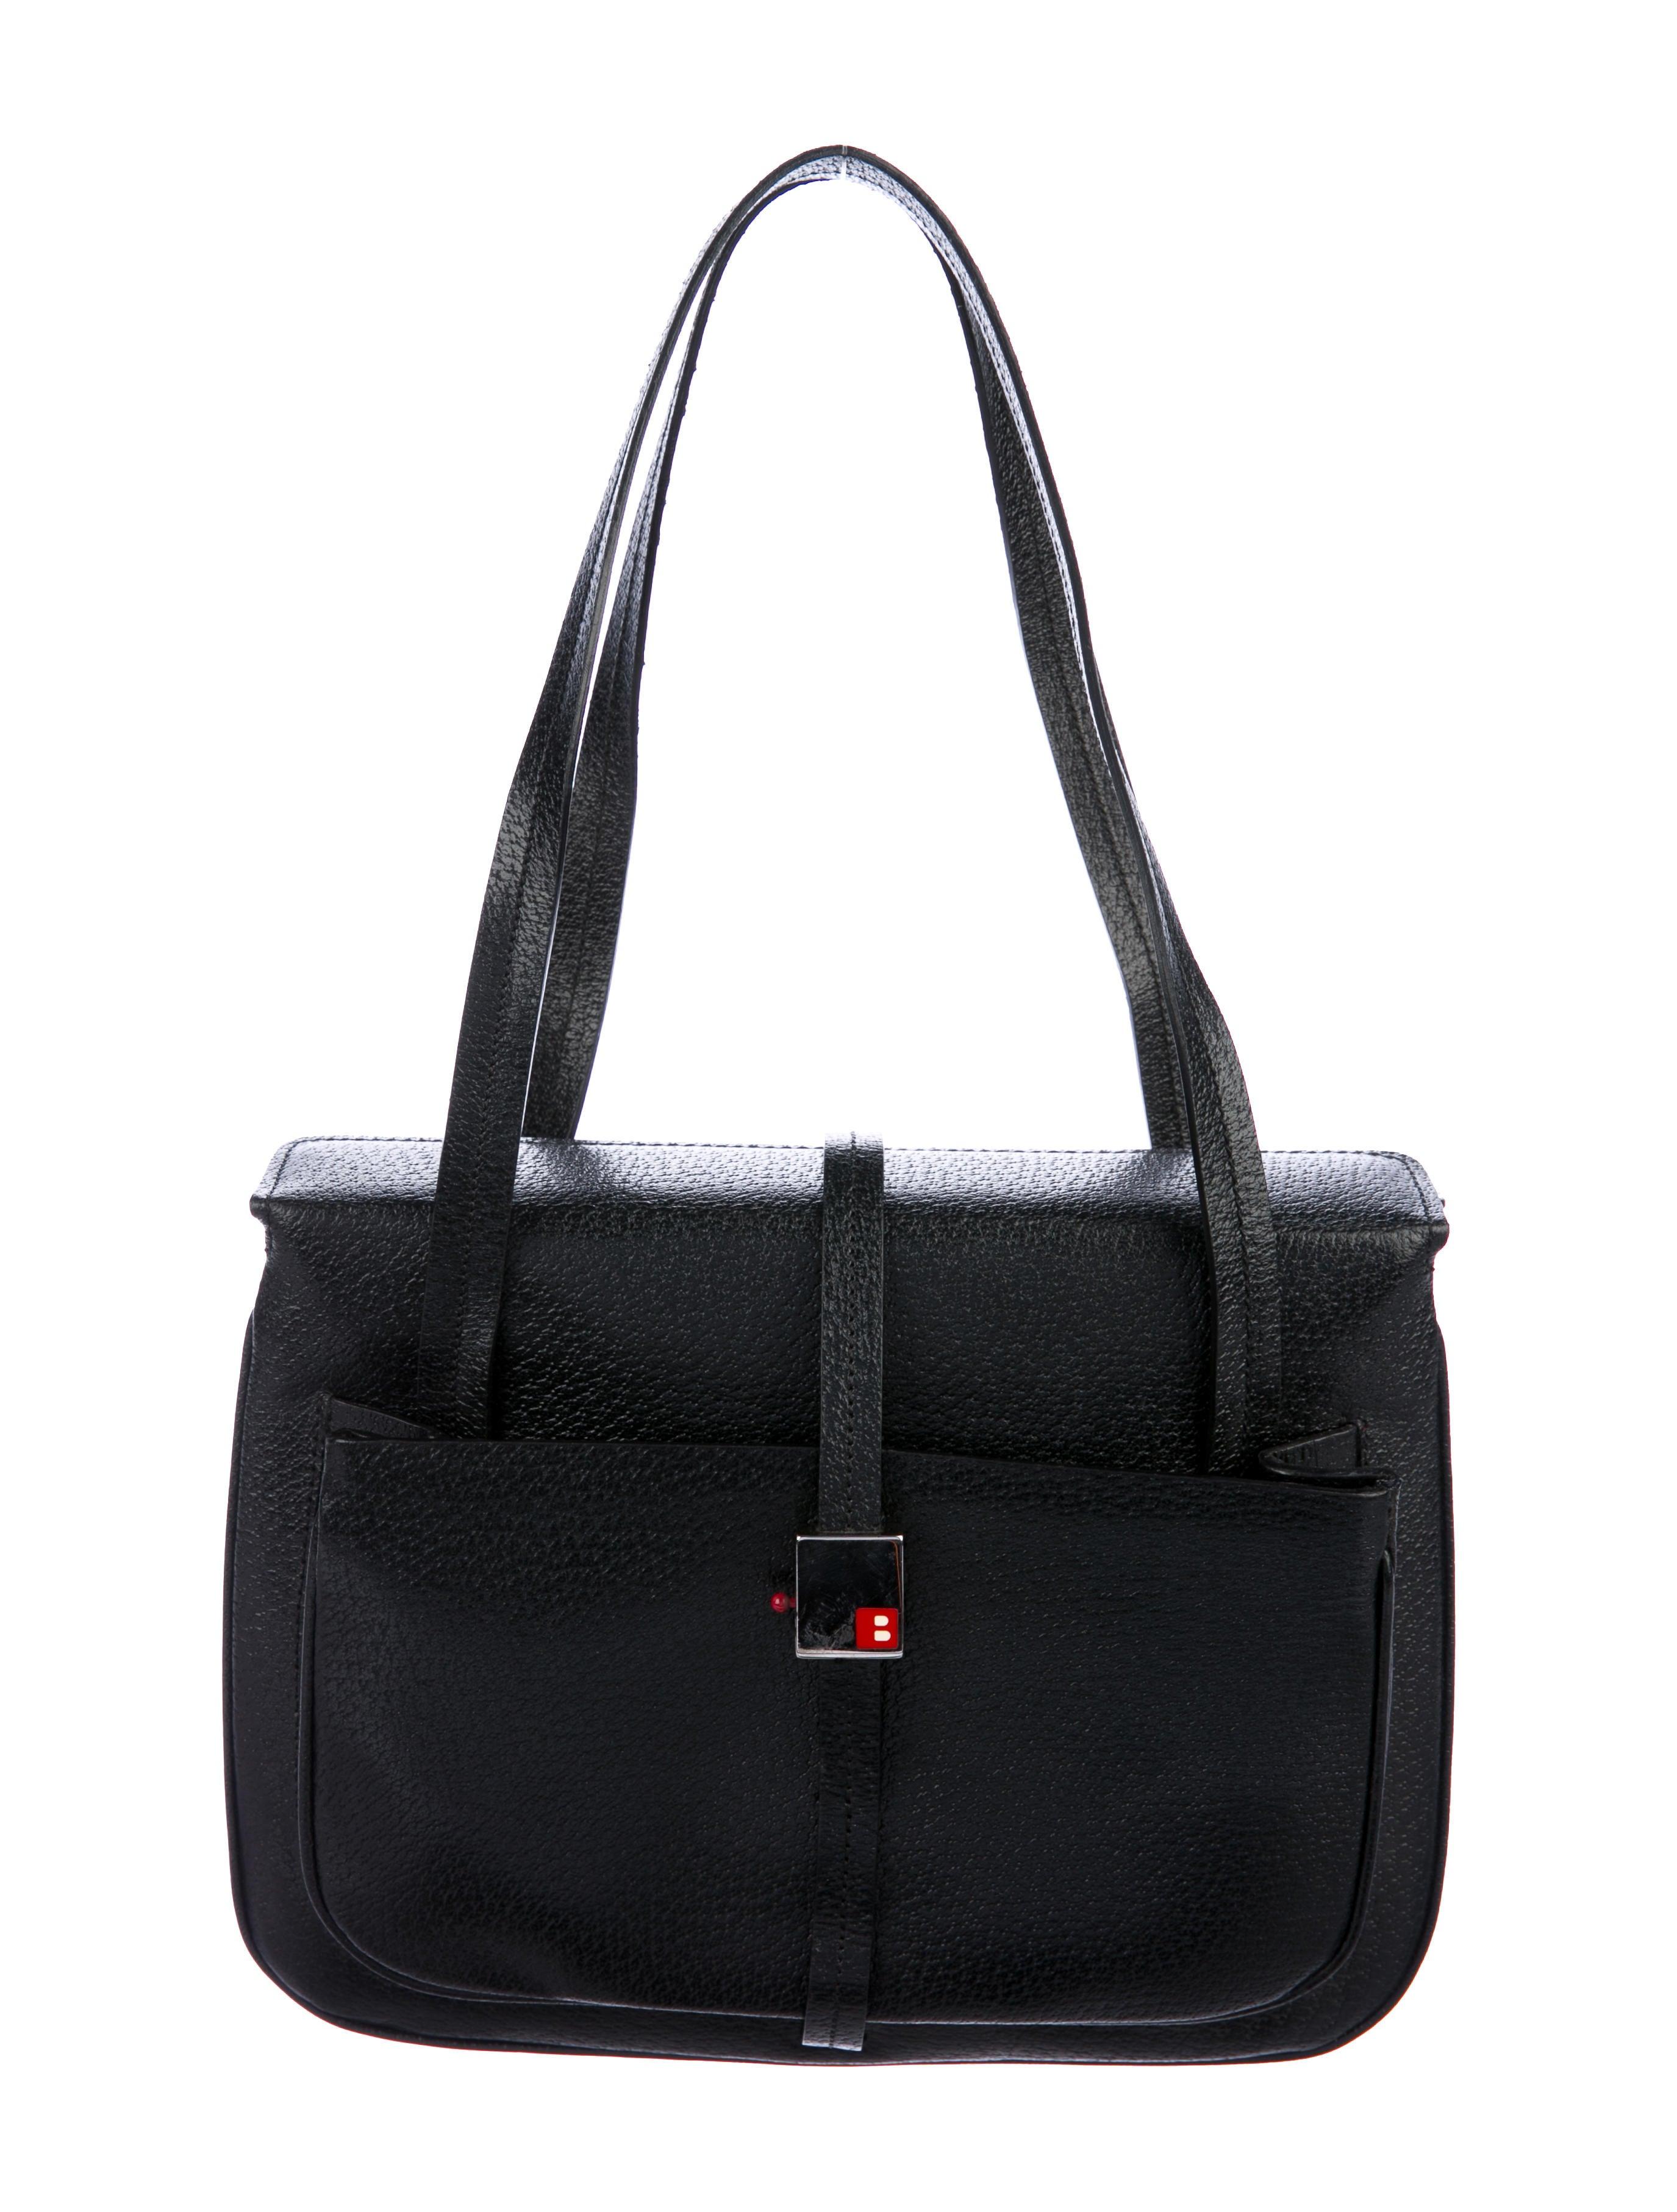 857dfcd204a7d Bally Shoulder Leather Vintage Vintage Bag Bally 8qRvH in ...